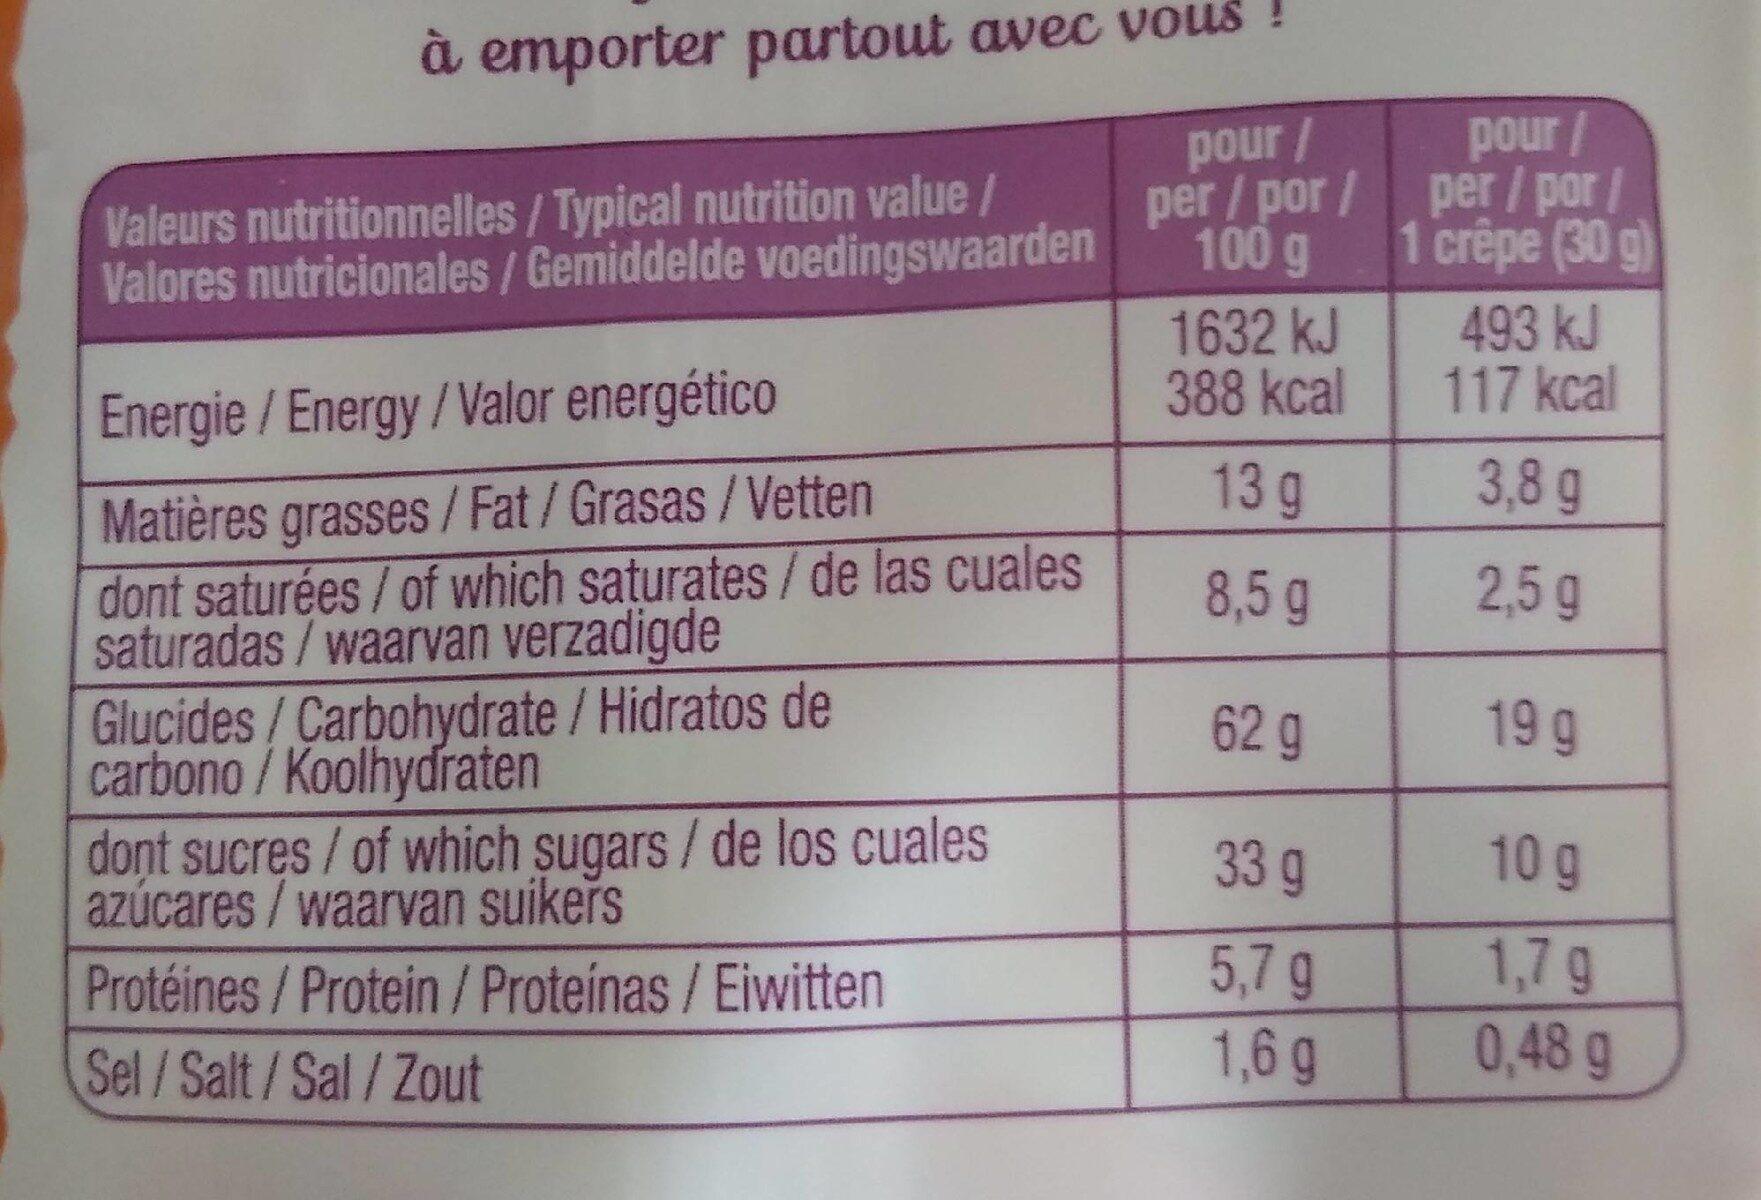 Crêpes au caramel au beurre salé - Informations nutritionnelles - fr